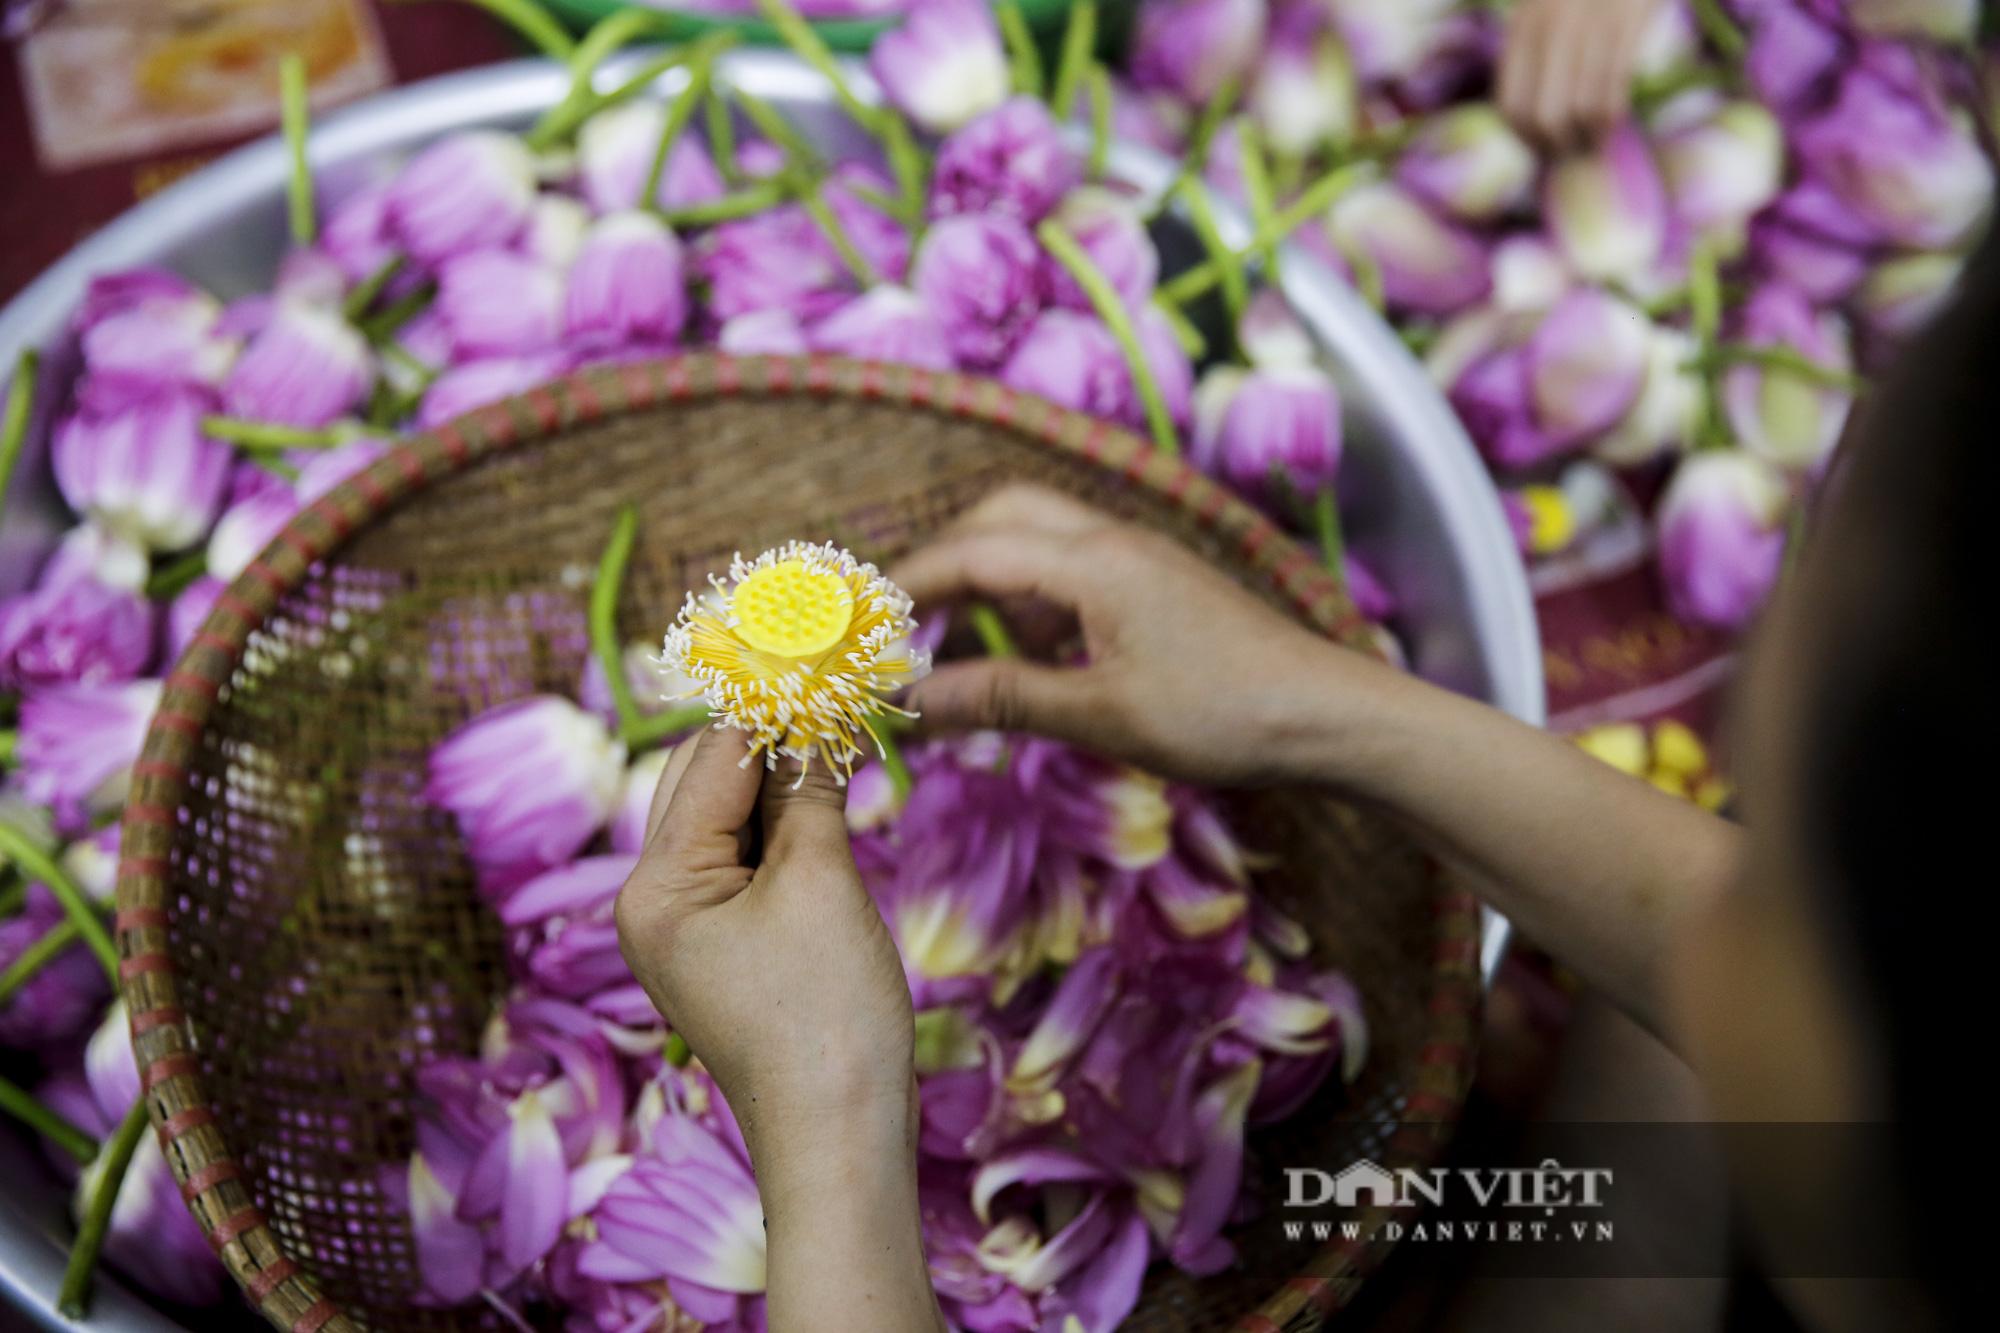 Tận mắt xem quy trình ướp trà sen đắt nhất Việt Nam - Ảnh 3.